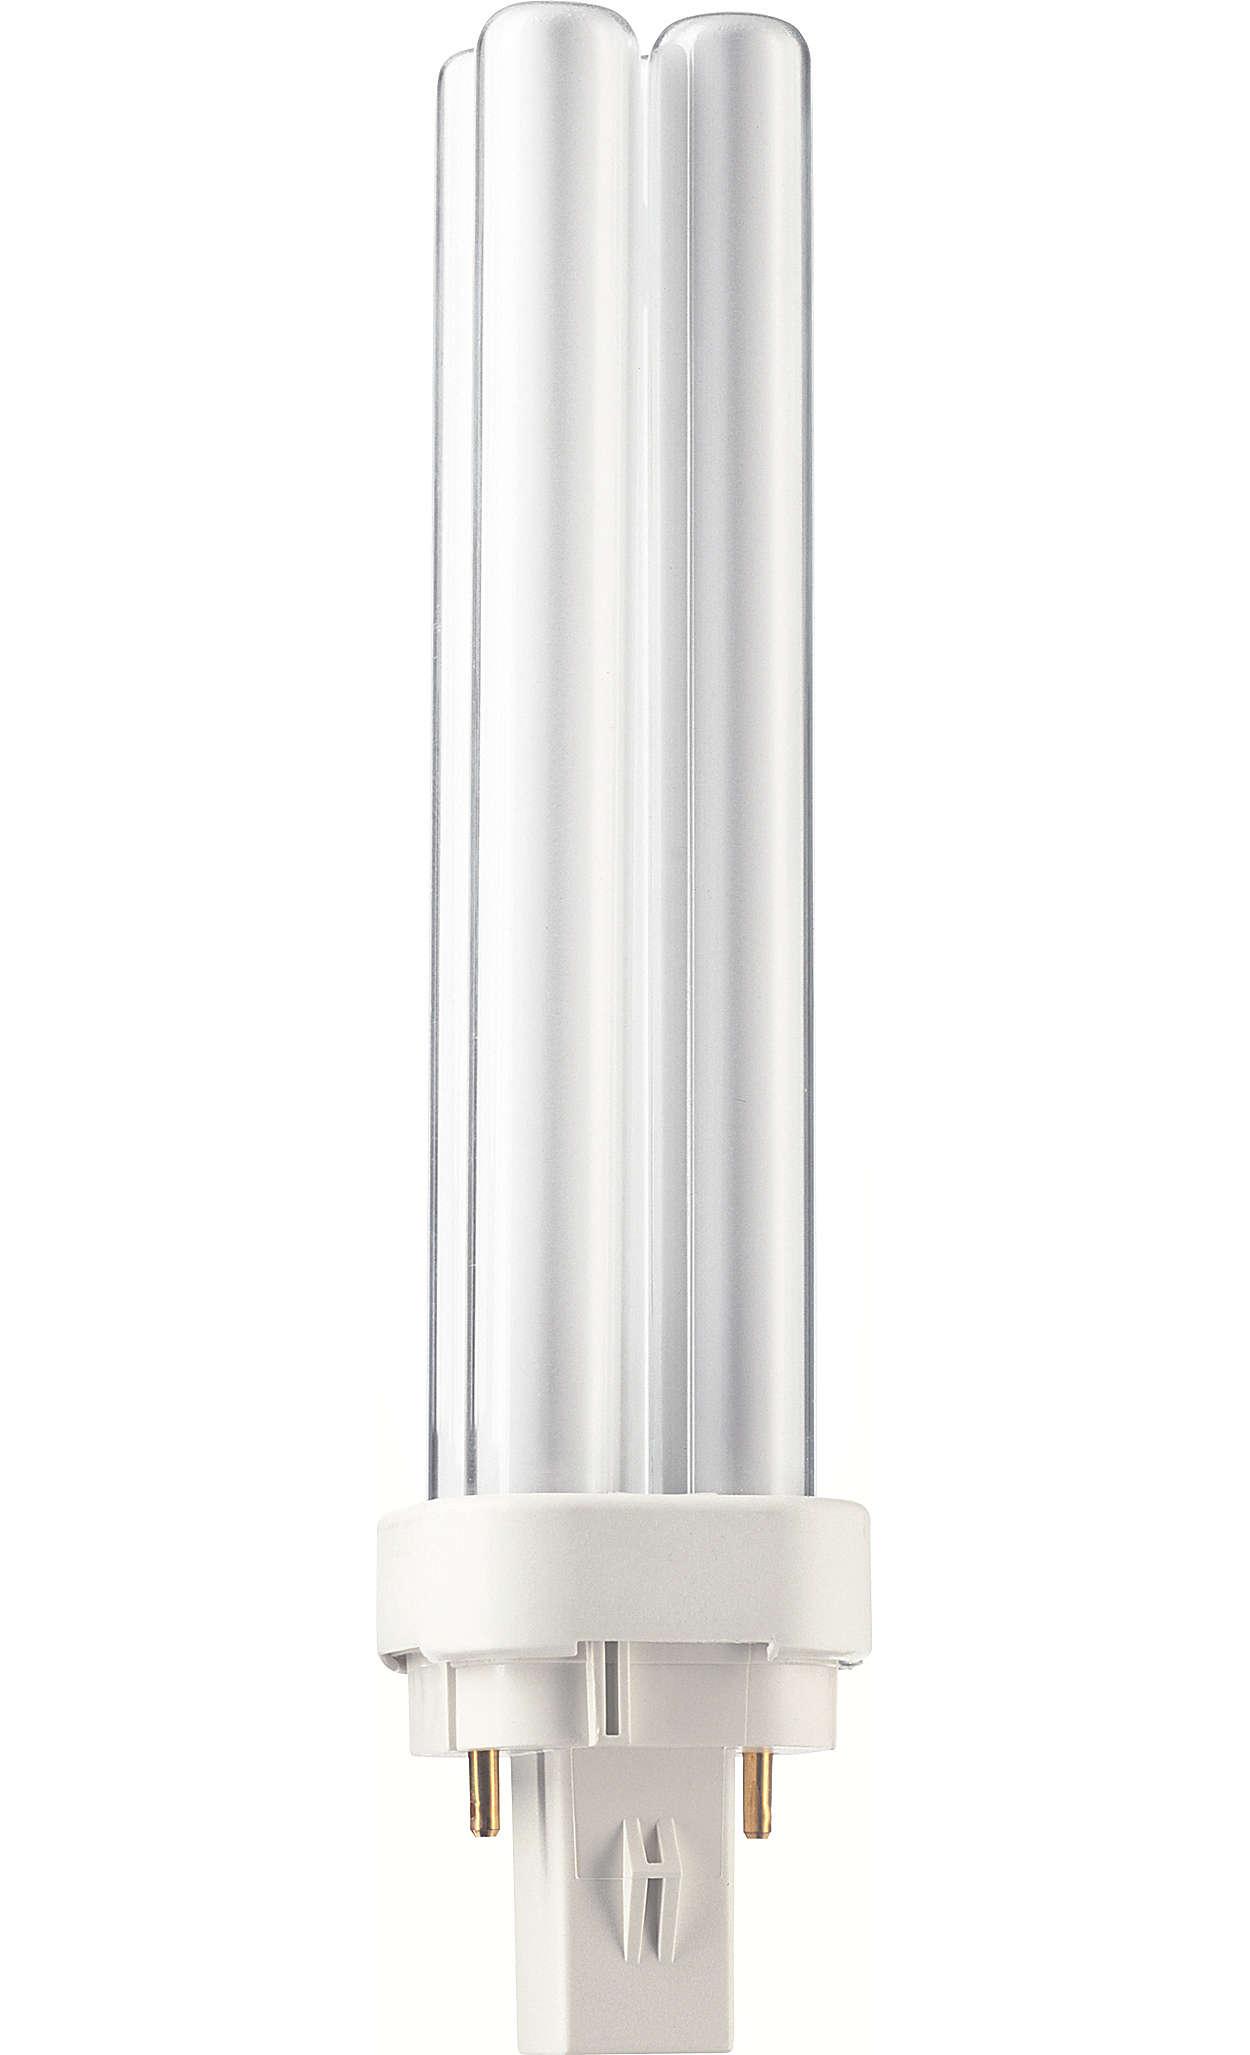 Lampes longue durée à haute efficacité, offrant un excellent rendu des couleurs